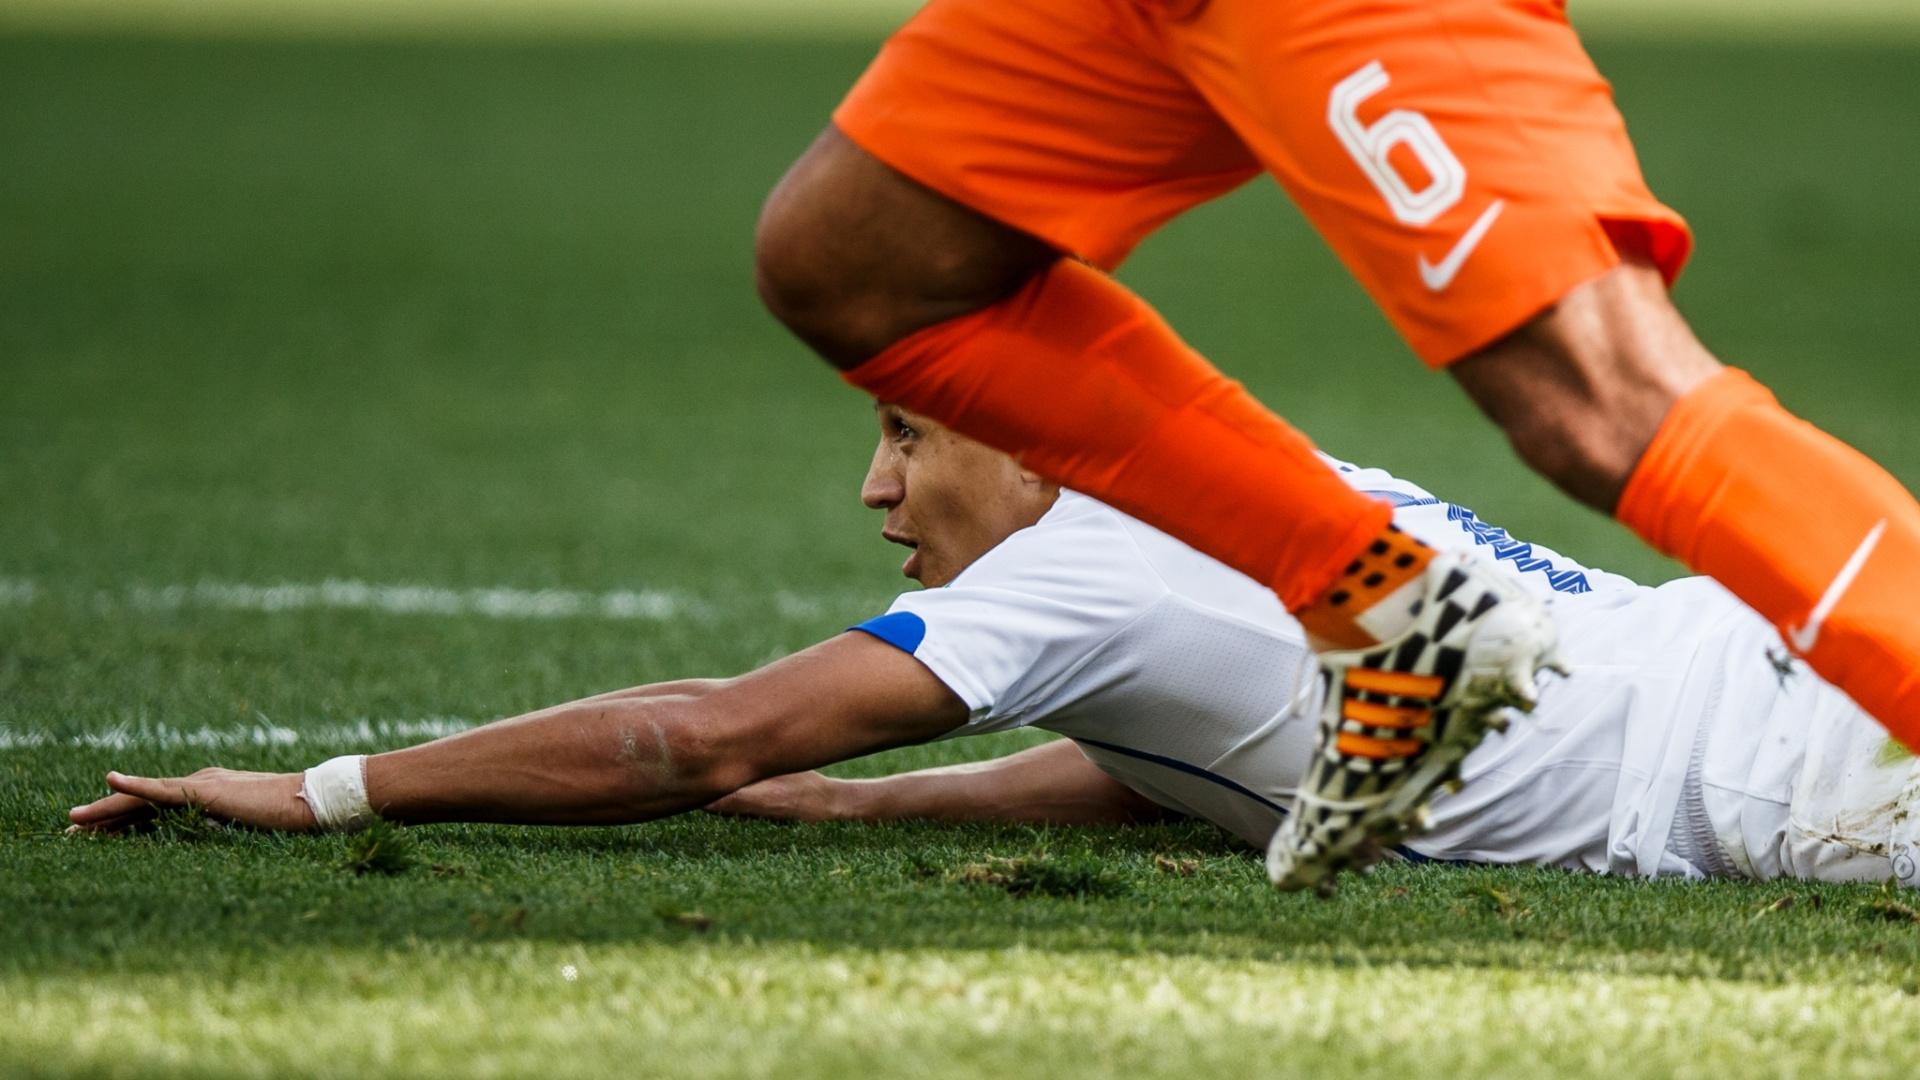 Alexis Sanchéz vai ao chão durante partida do Chile contra a Holanda no Itaquerão